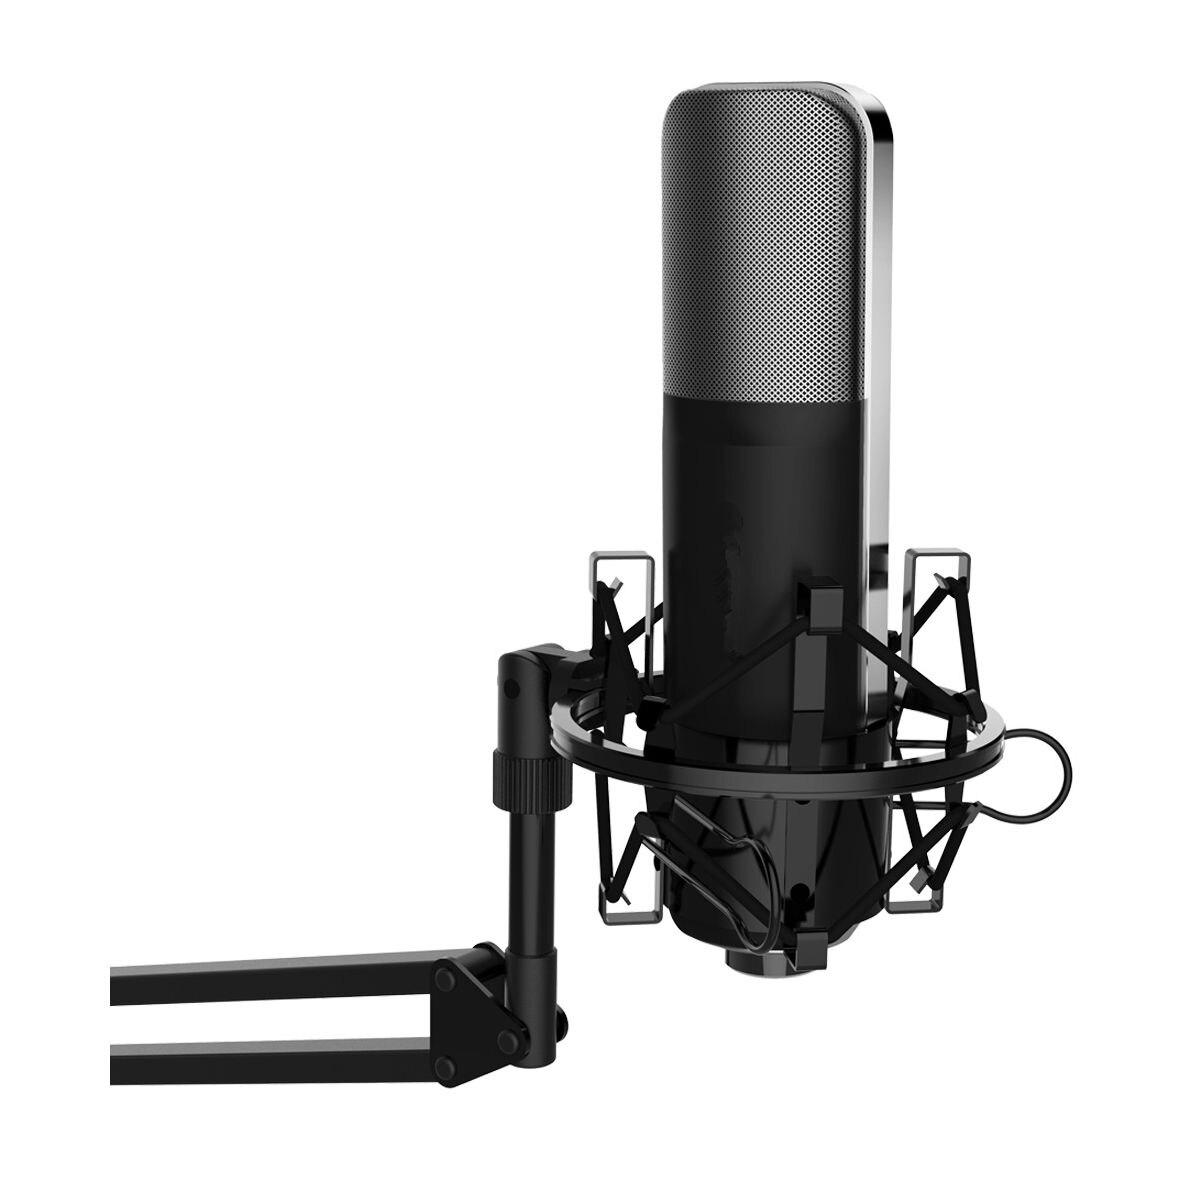 Professionnel Cardioïde À Condensateur De Studio Microphone avec Shock Mount Holder pour YouTube Chant Enregistrement, Chant, Radiodiffusion